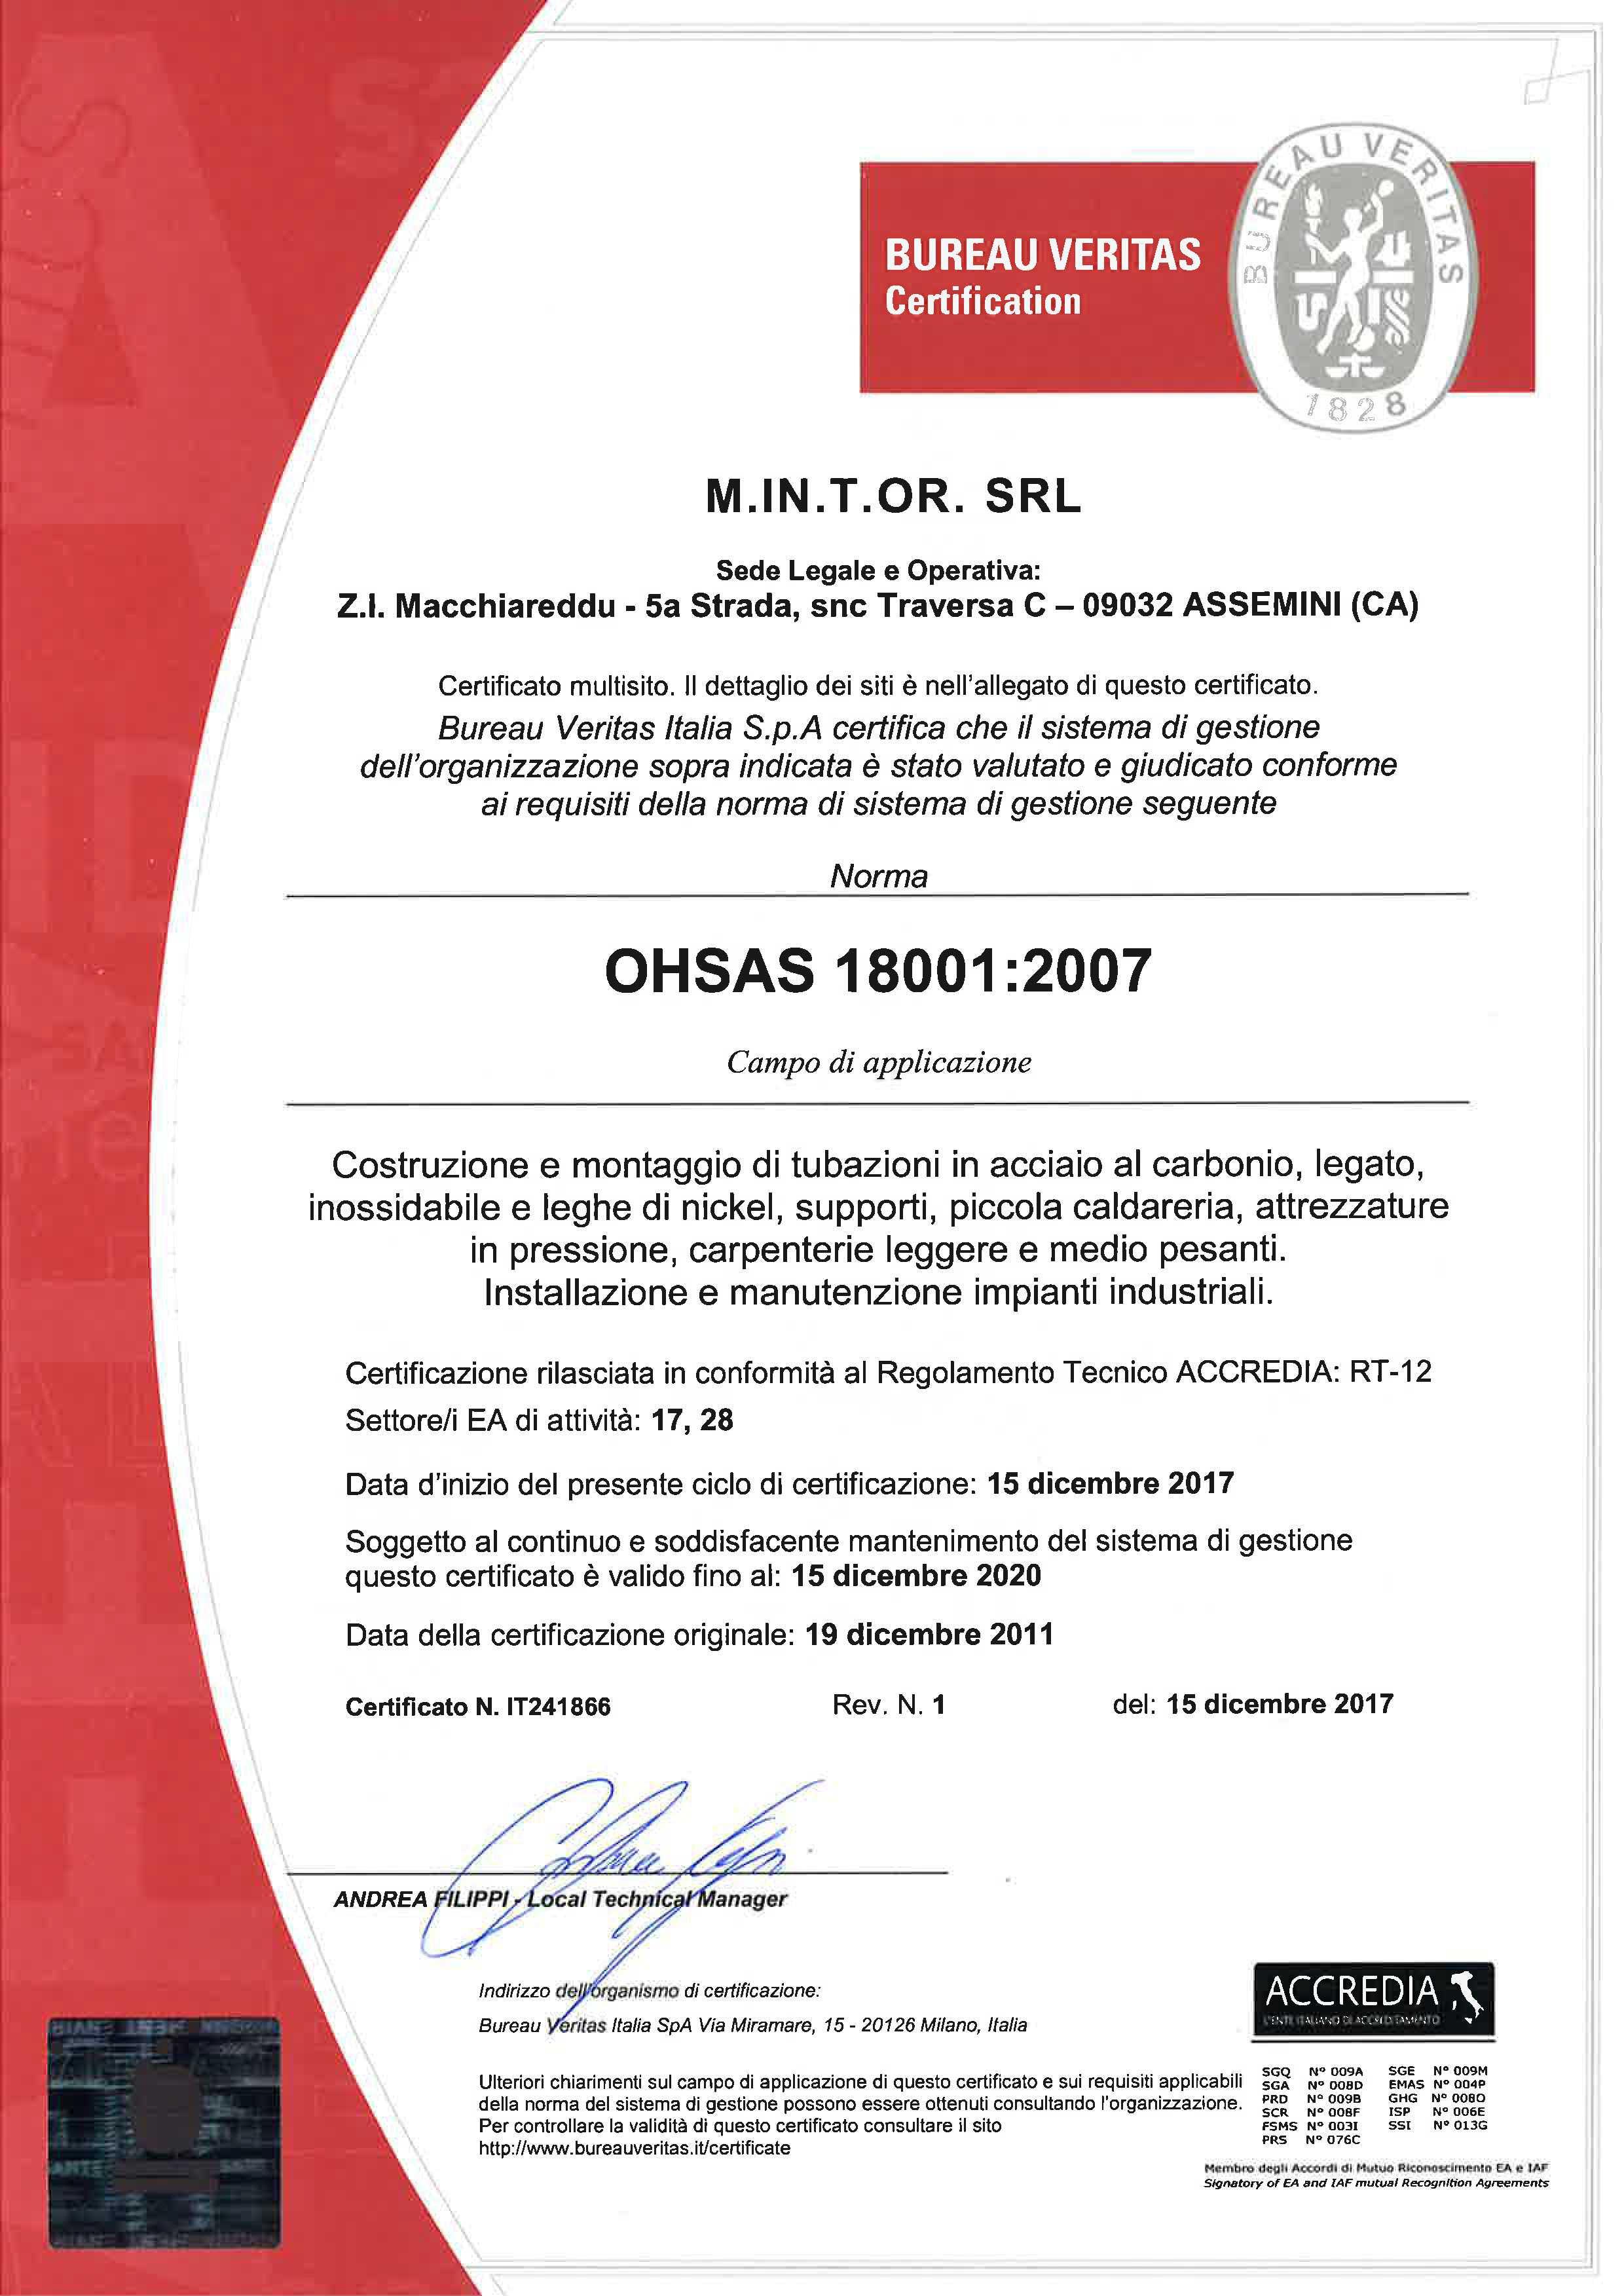 certificazioni-mintor-luglio-2019_0000_M.IN.T.OR. SRL-18001 ITA